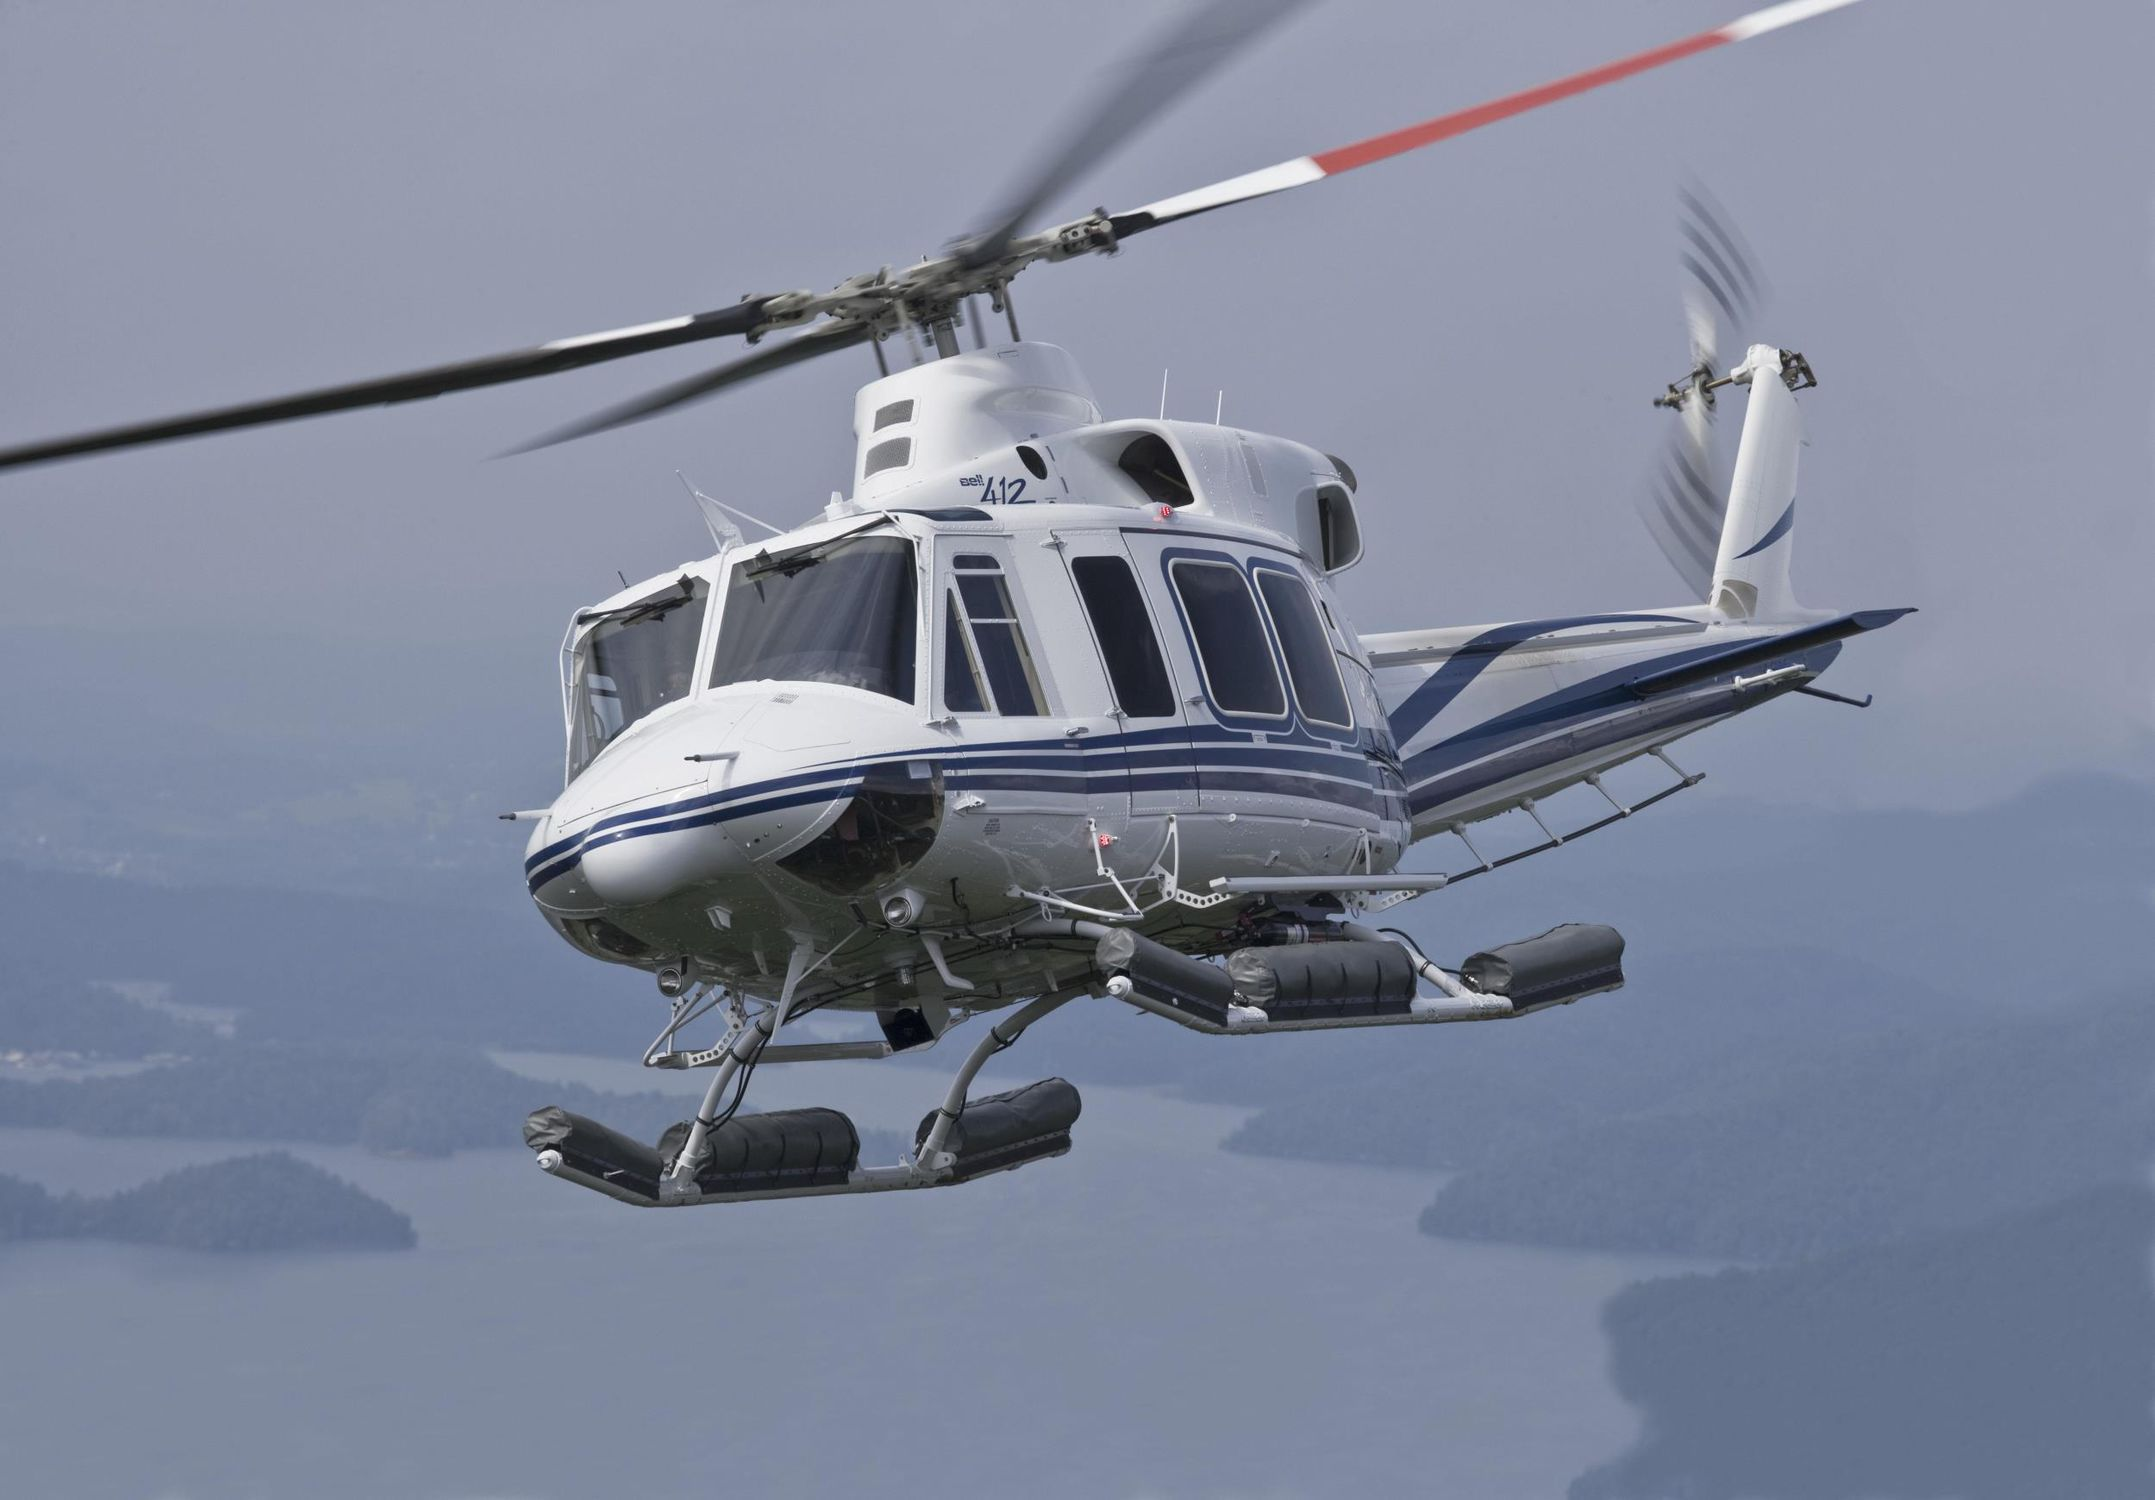 11~20人ヘリコプター Bell 412EPI民間輸送機用ビジネス医療搬送